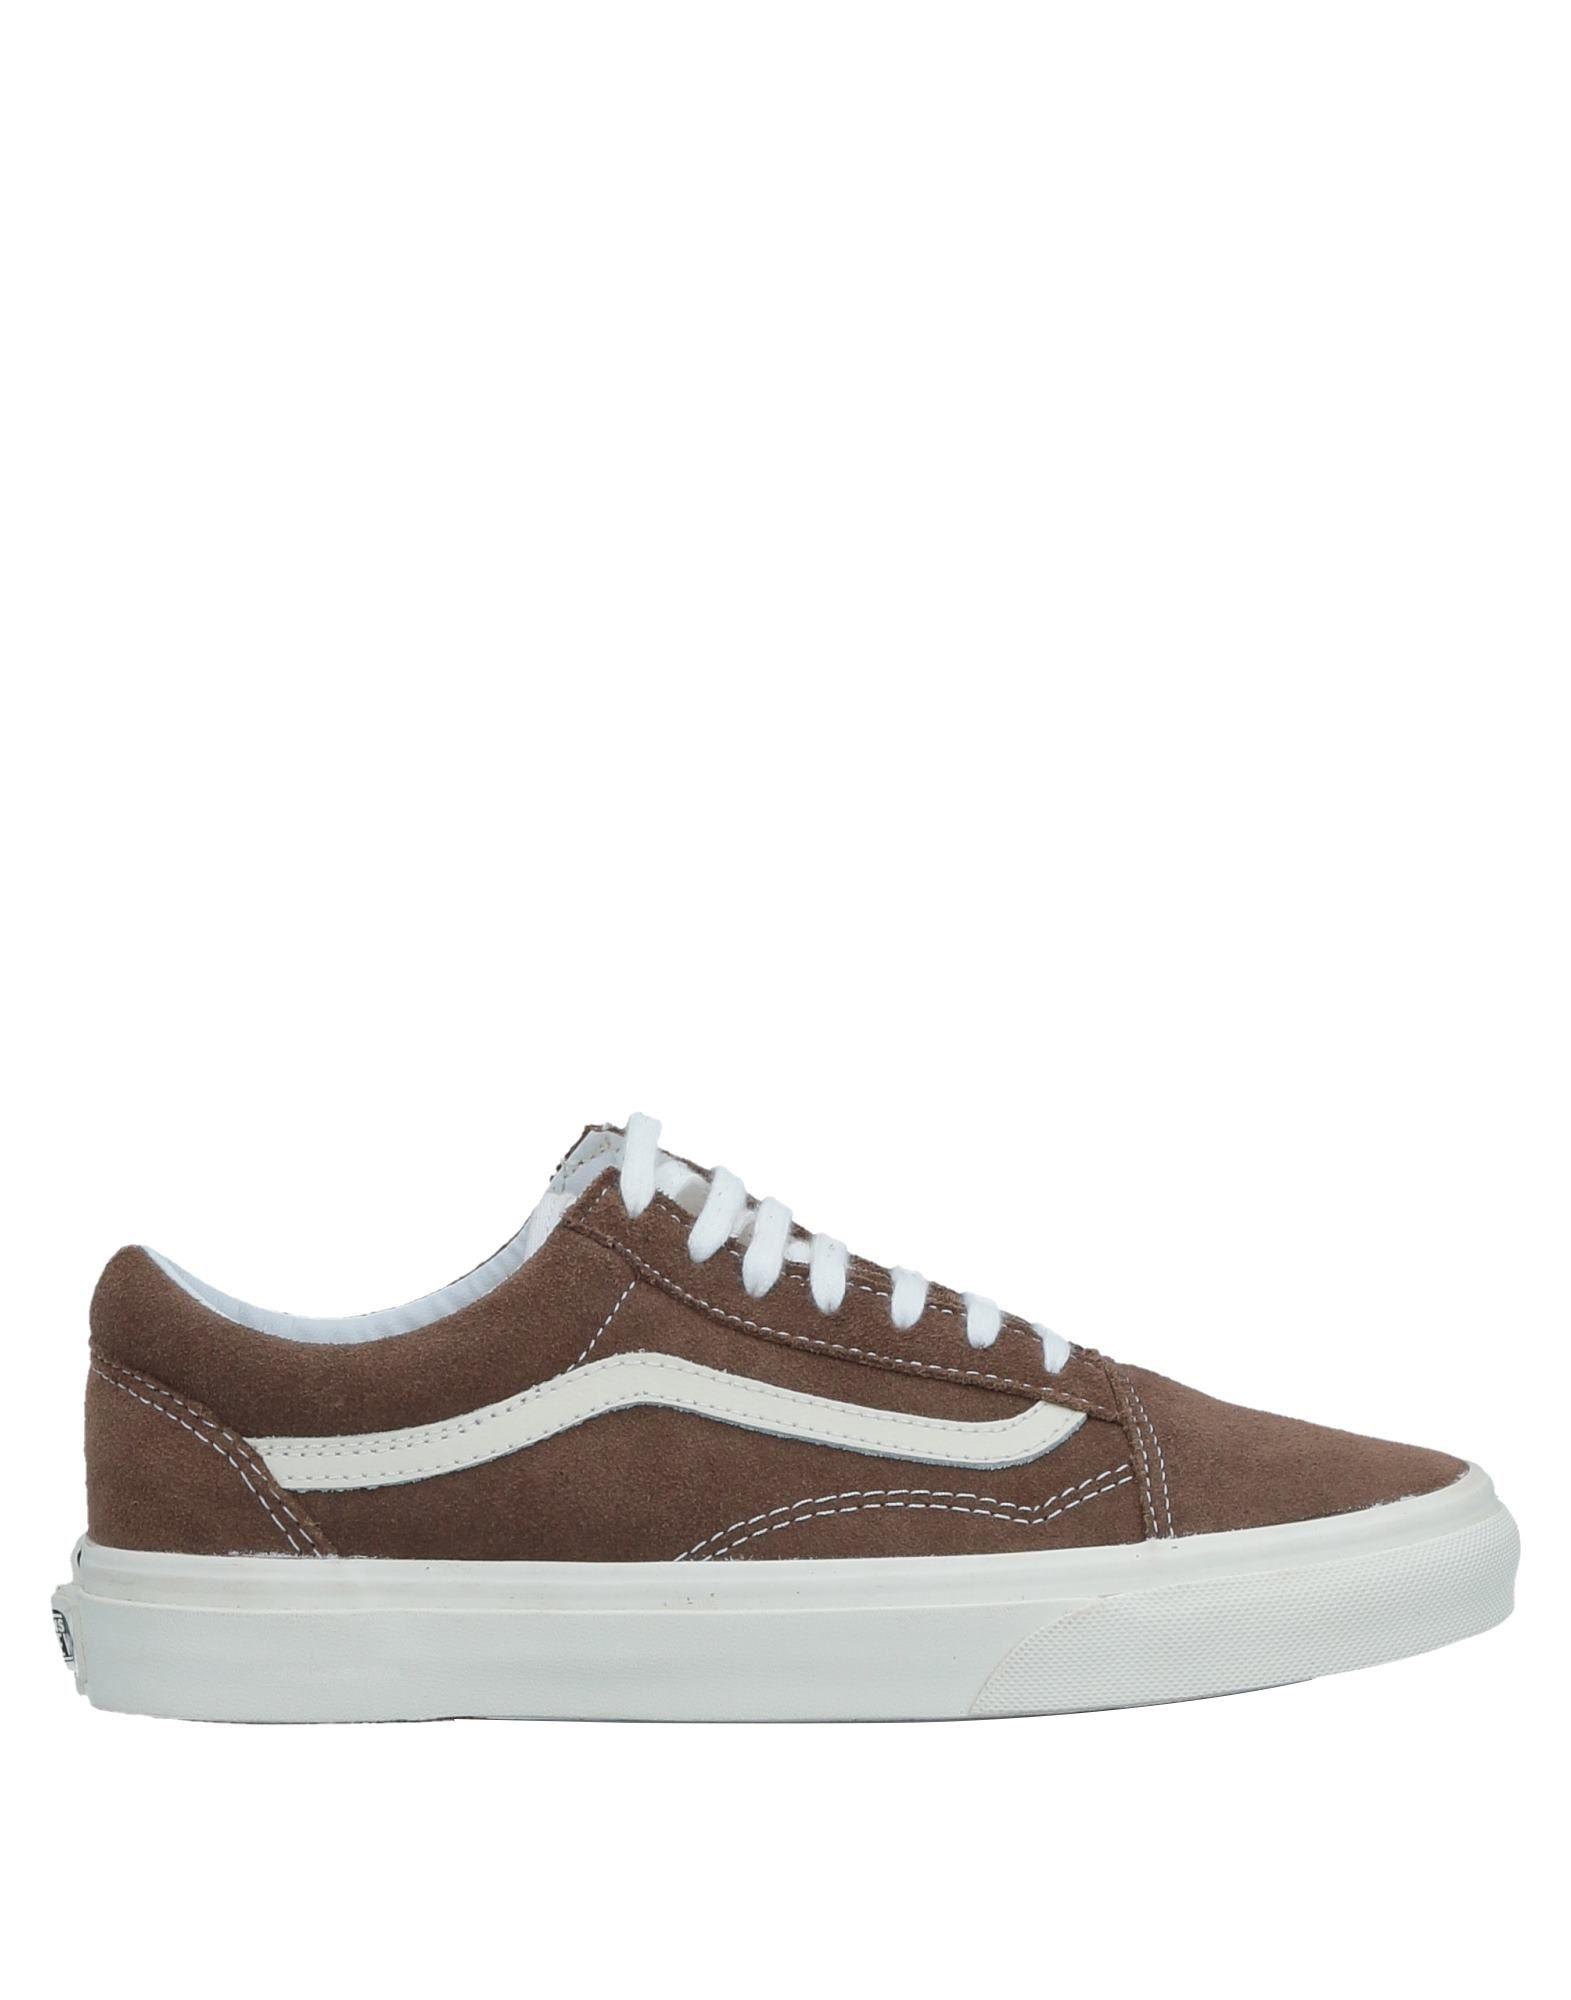 Scarpe economiche e resistenti Sneakers Vans Uomo - 11522775PF